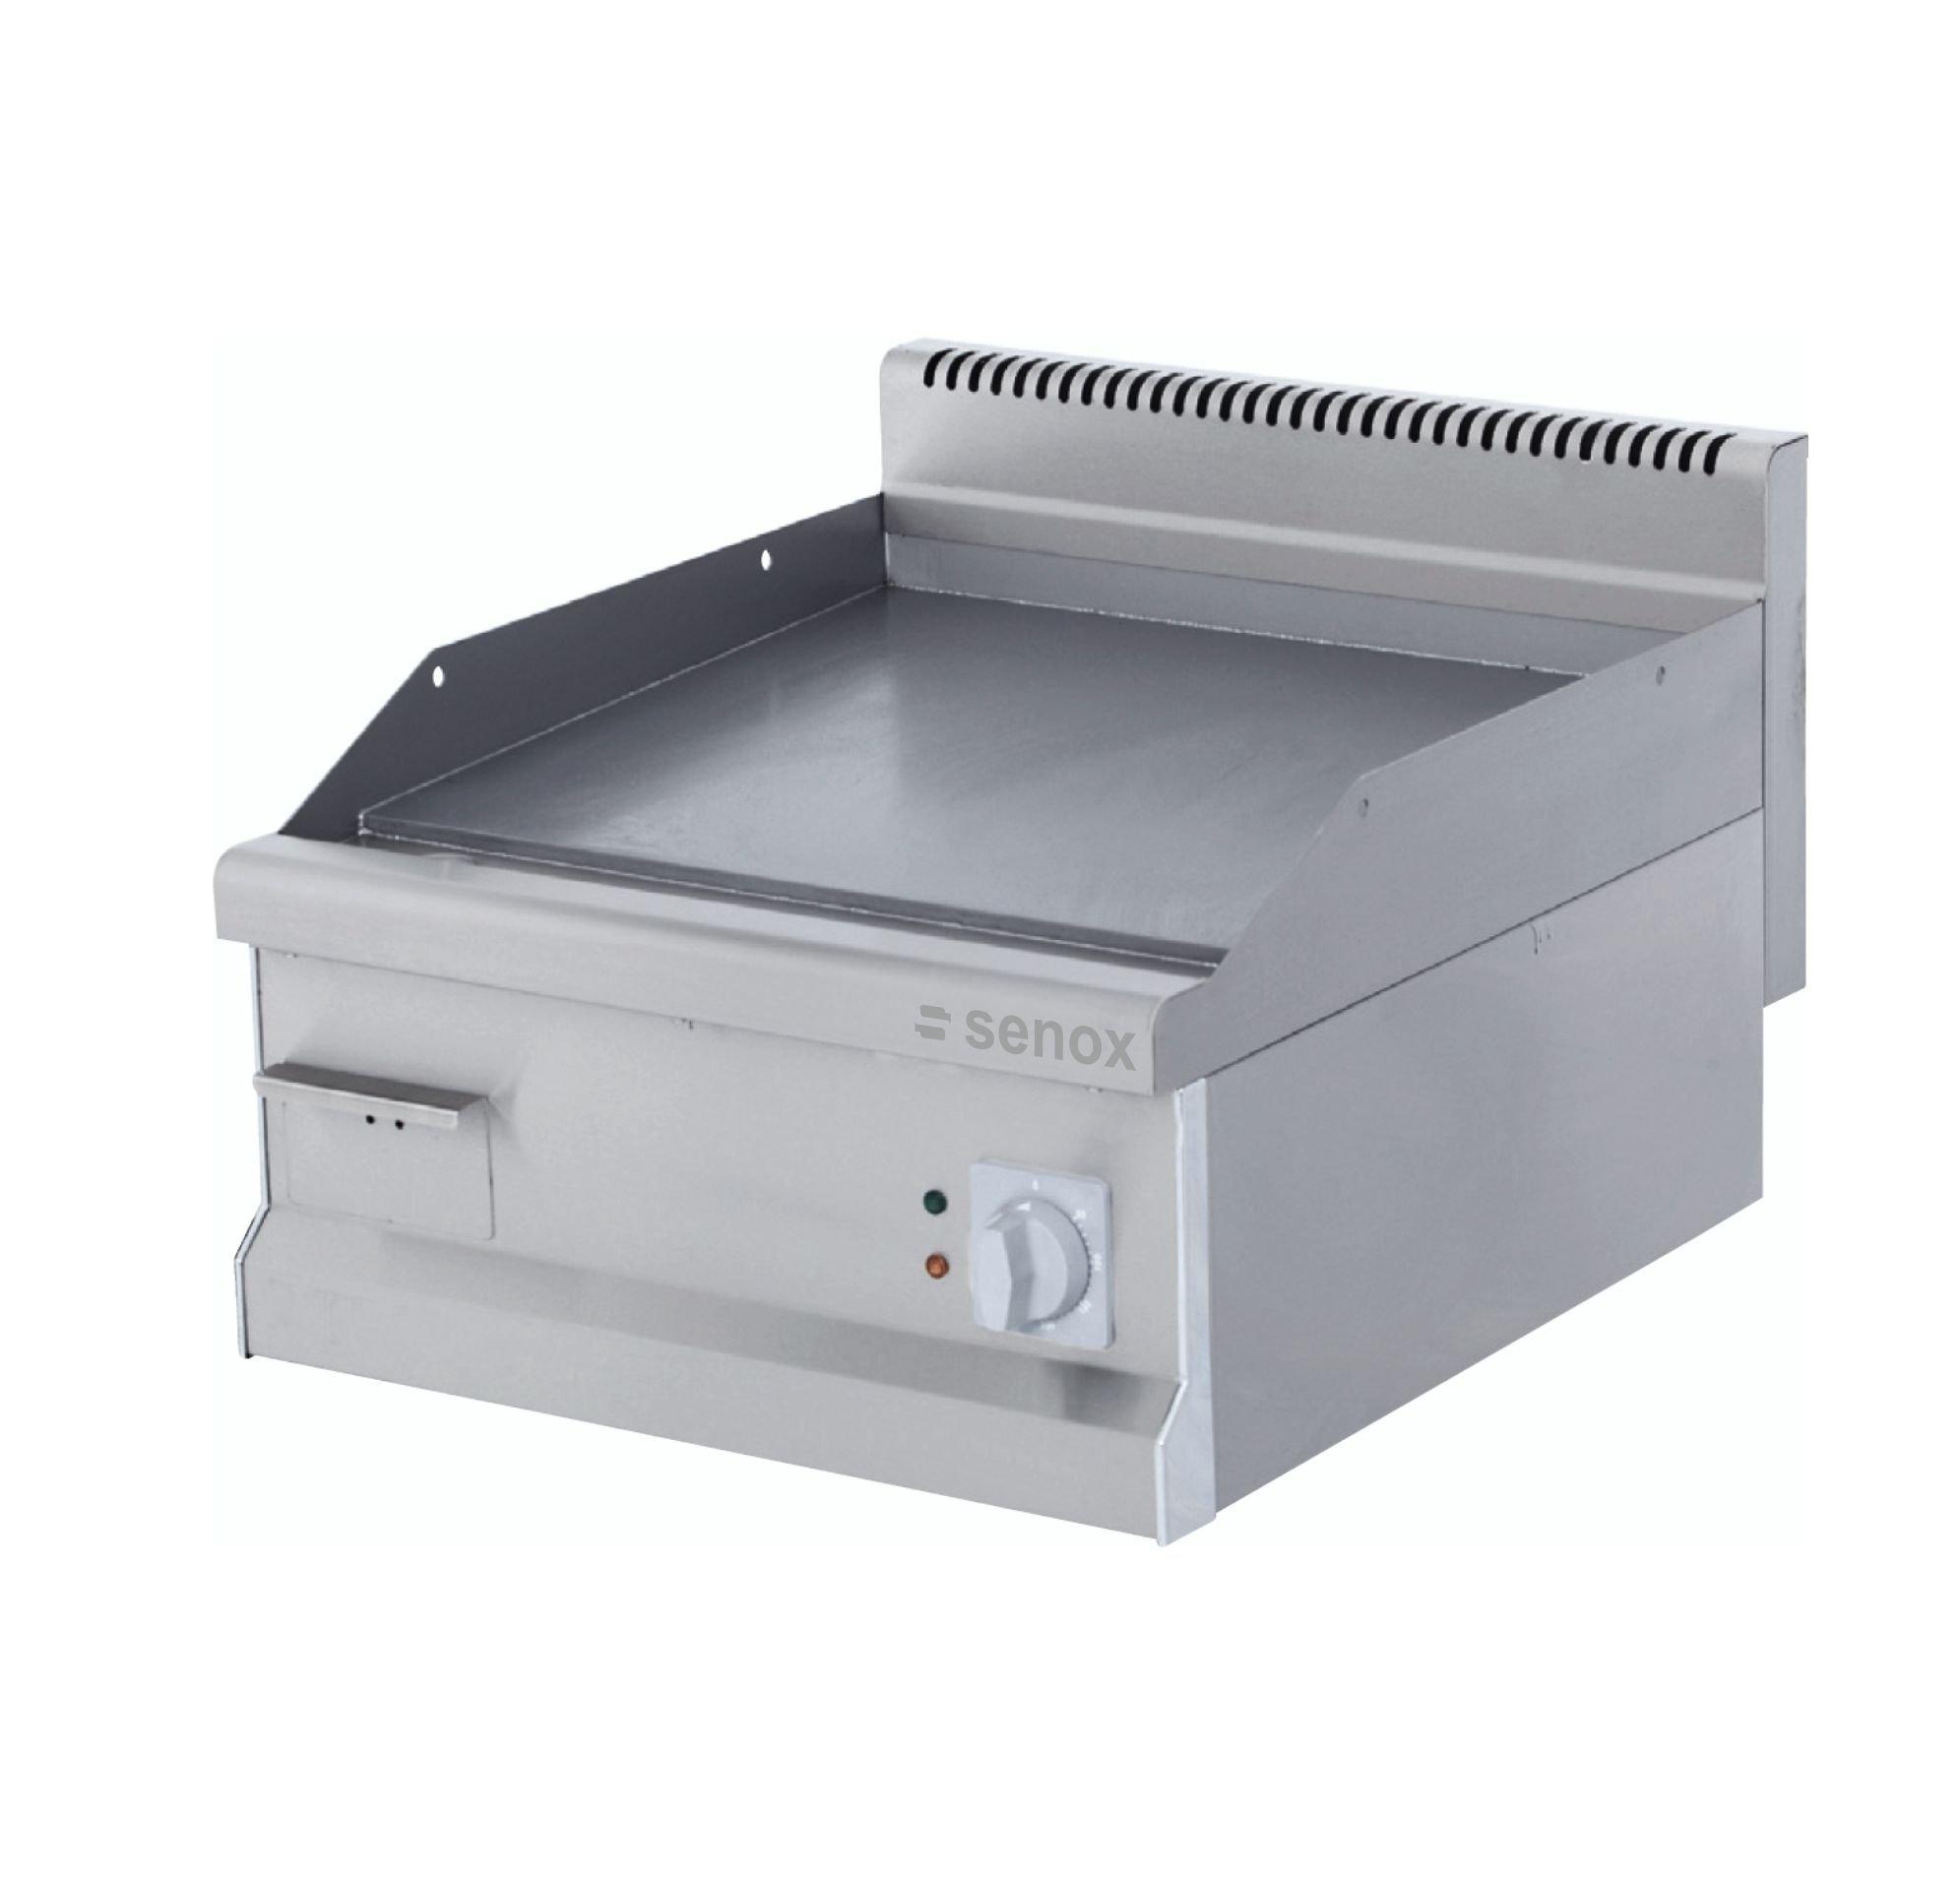 senox-aei-670-elektrikli-izgara